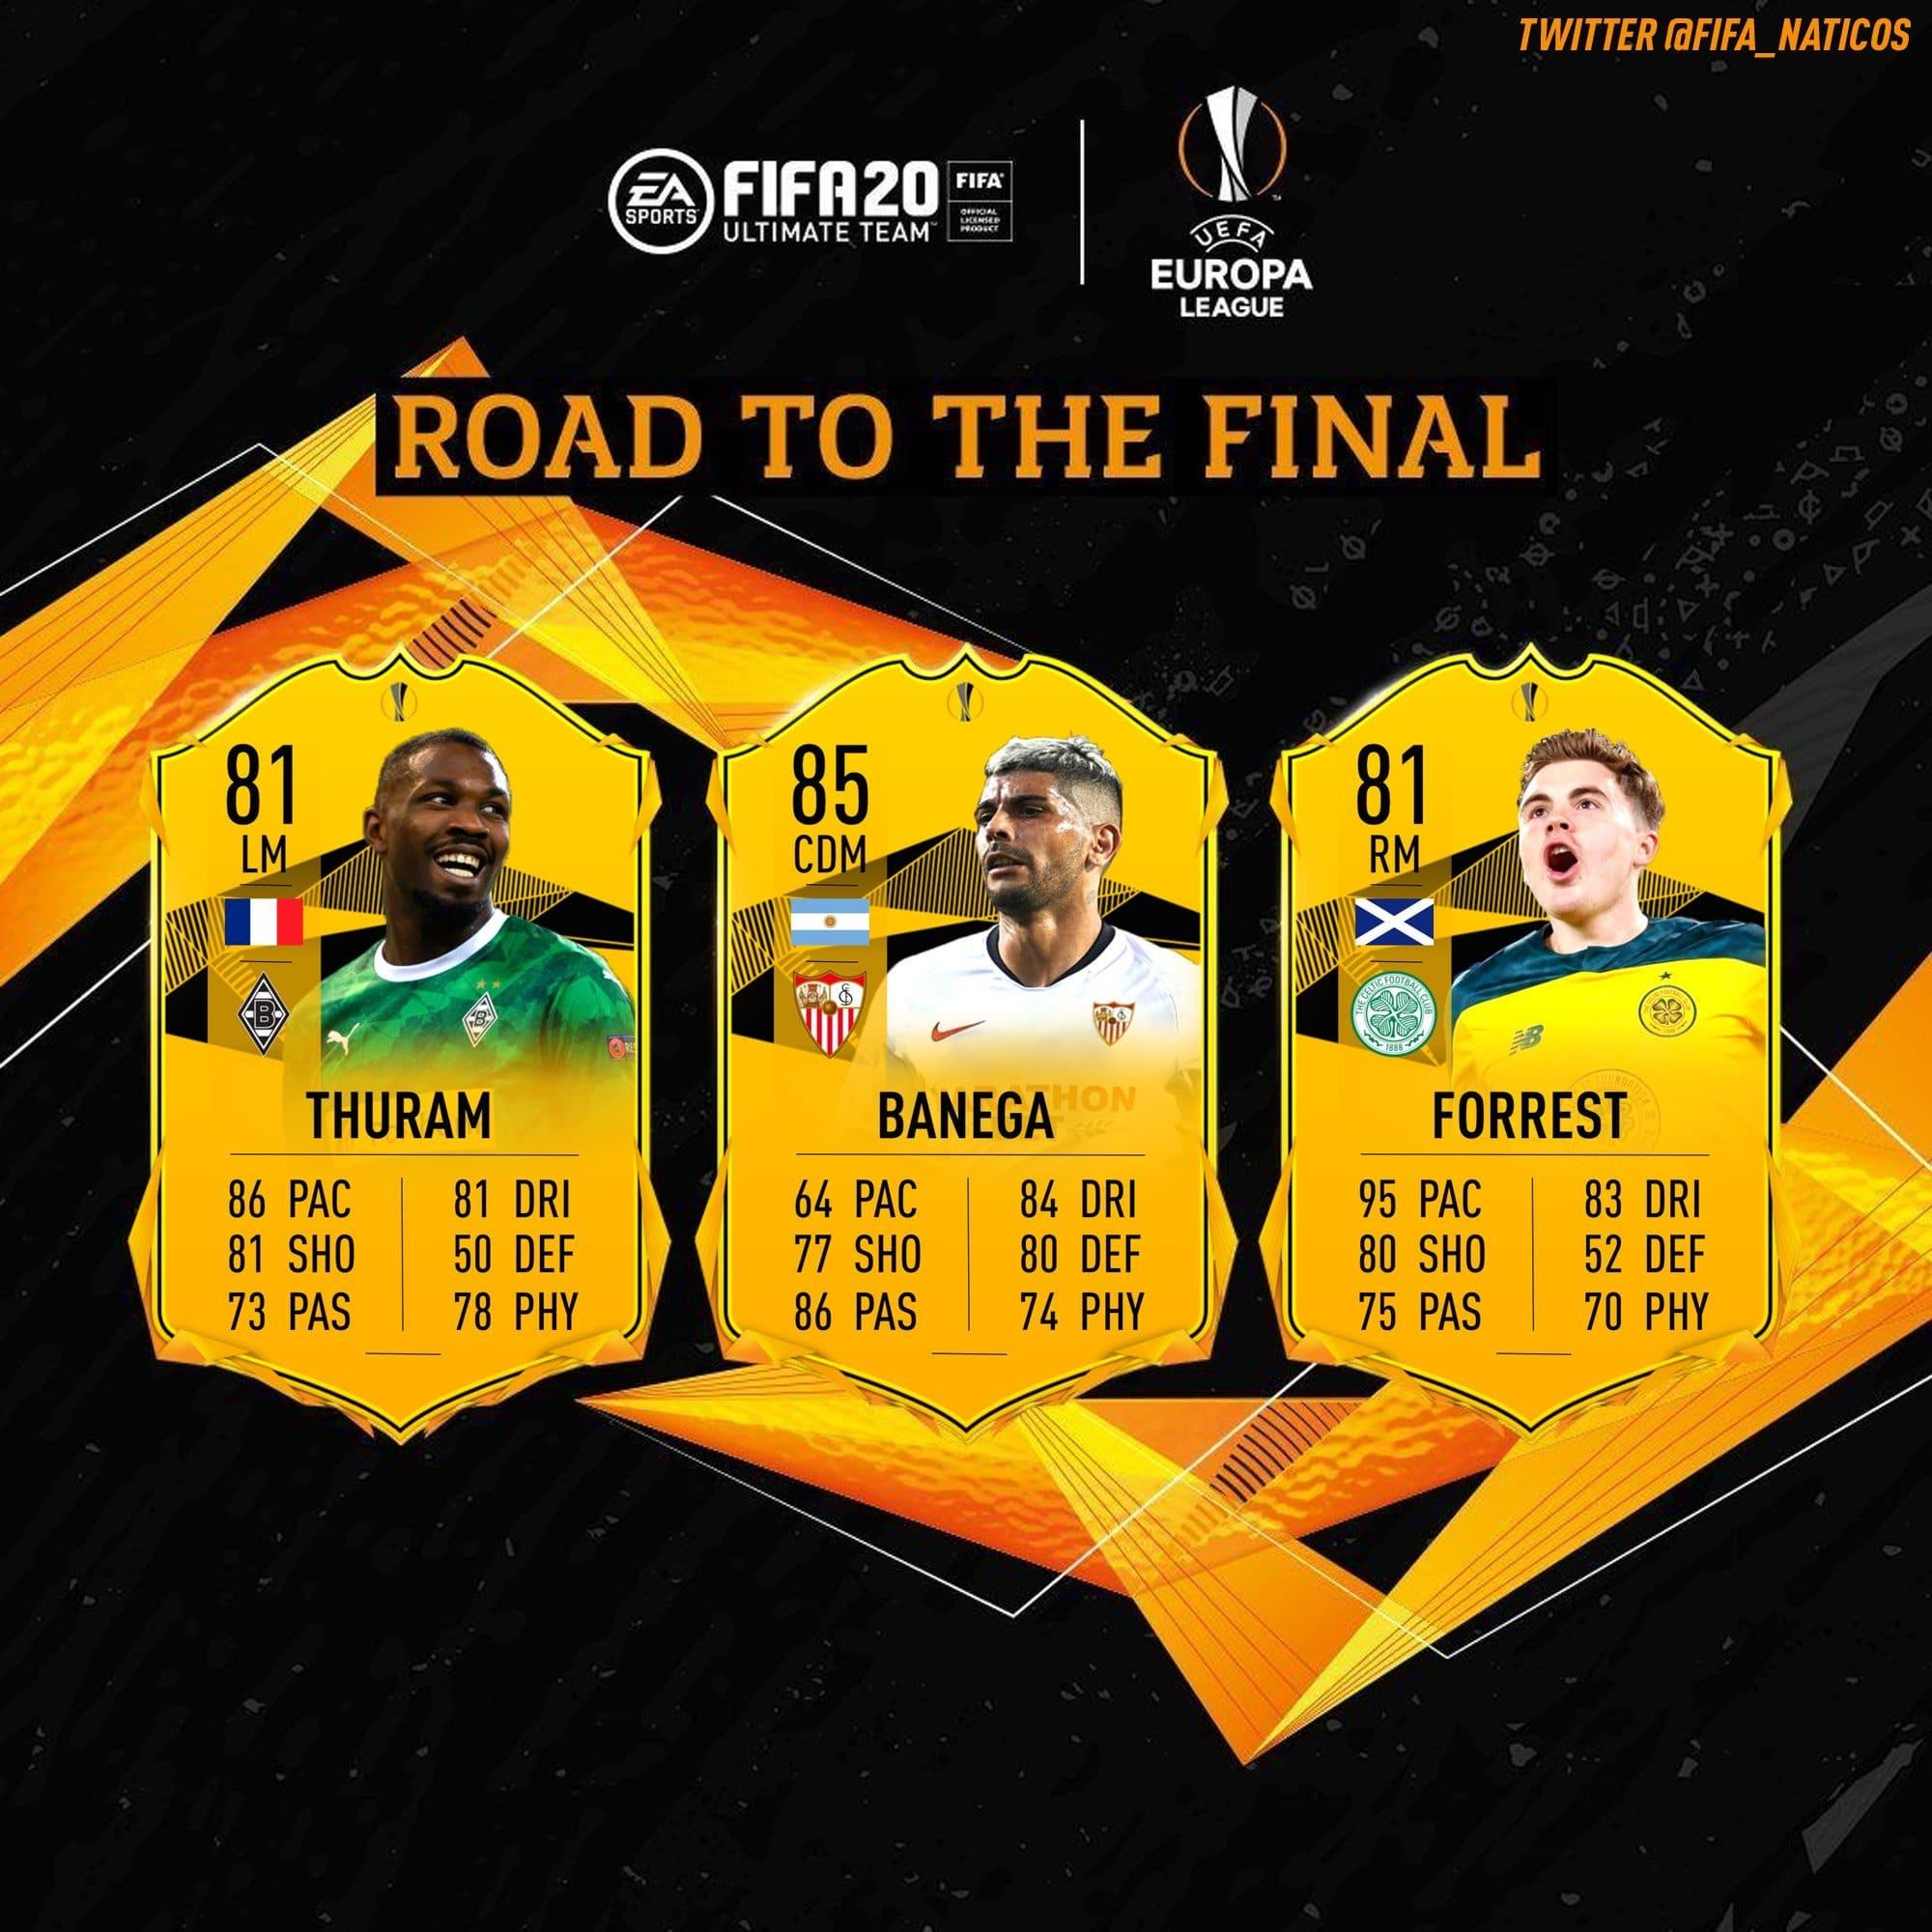 Prediccion DCP Rumbo a la Final UEL FIFA 20